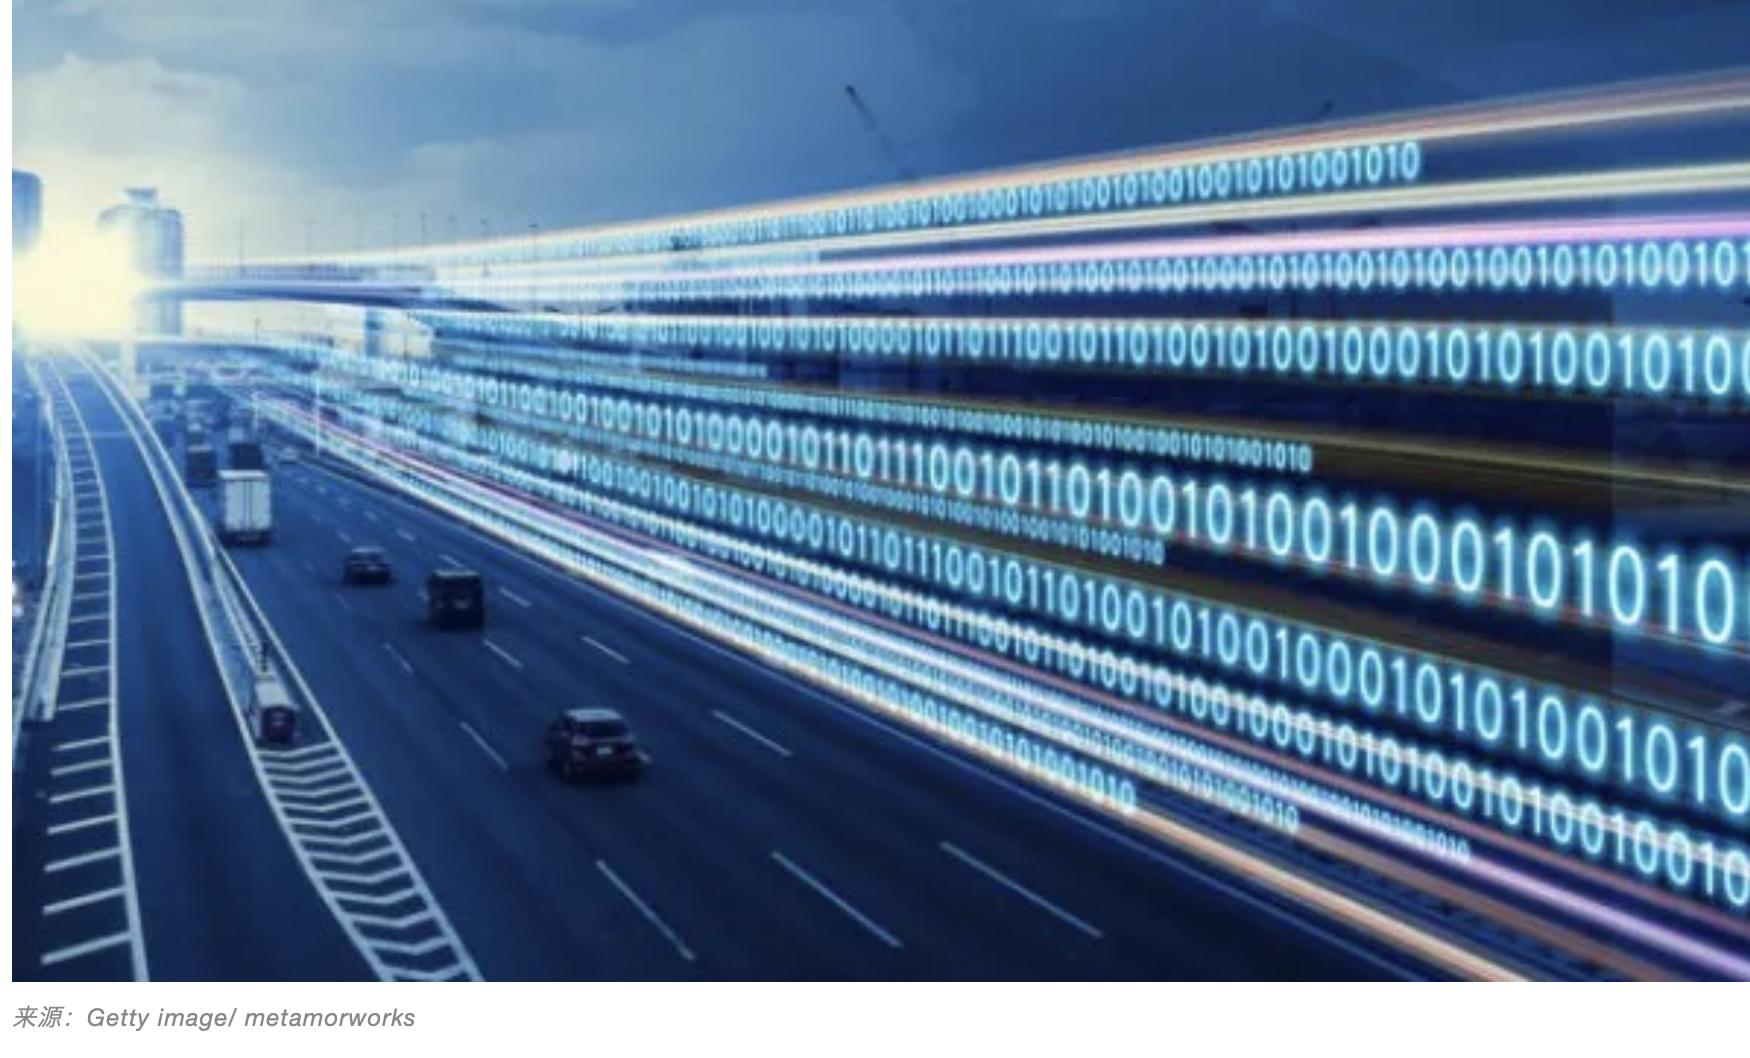 [供應商趨勢亮點]英國初創公司Wejo與Iteris合作,提供增強的網聯車輛數據內容